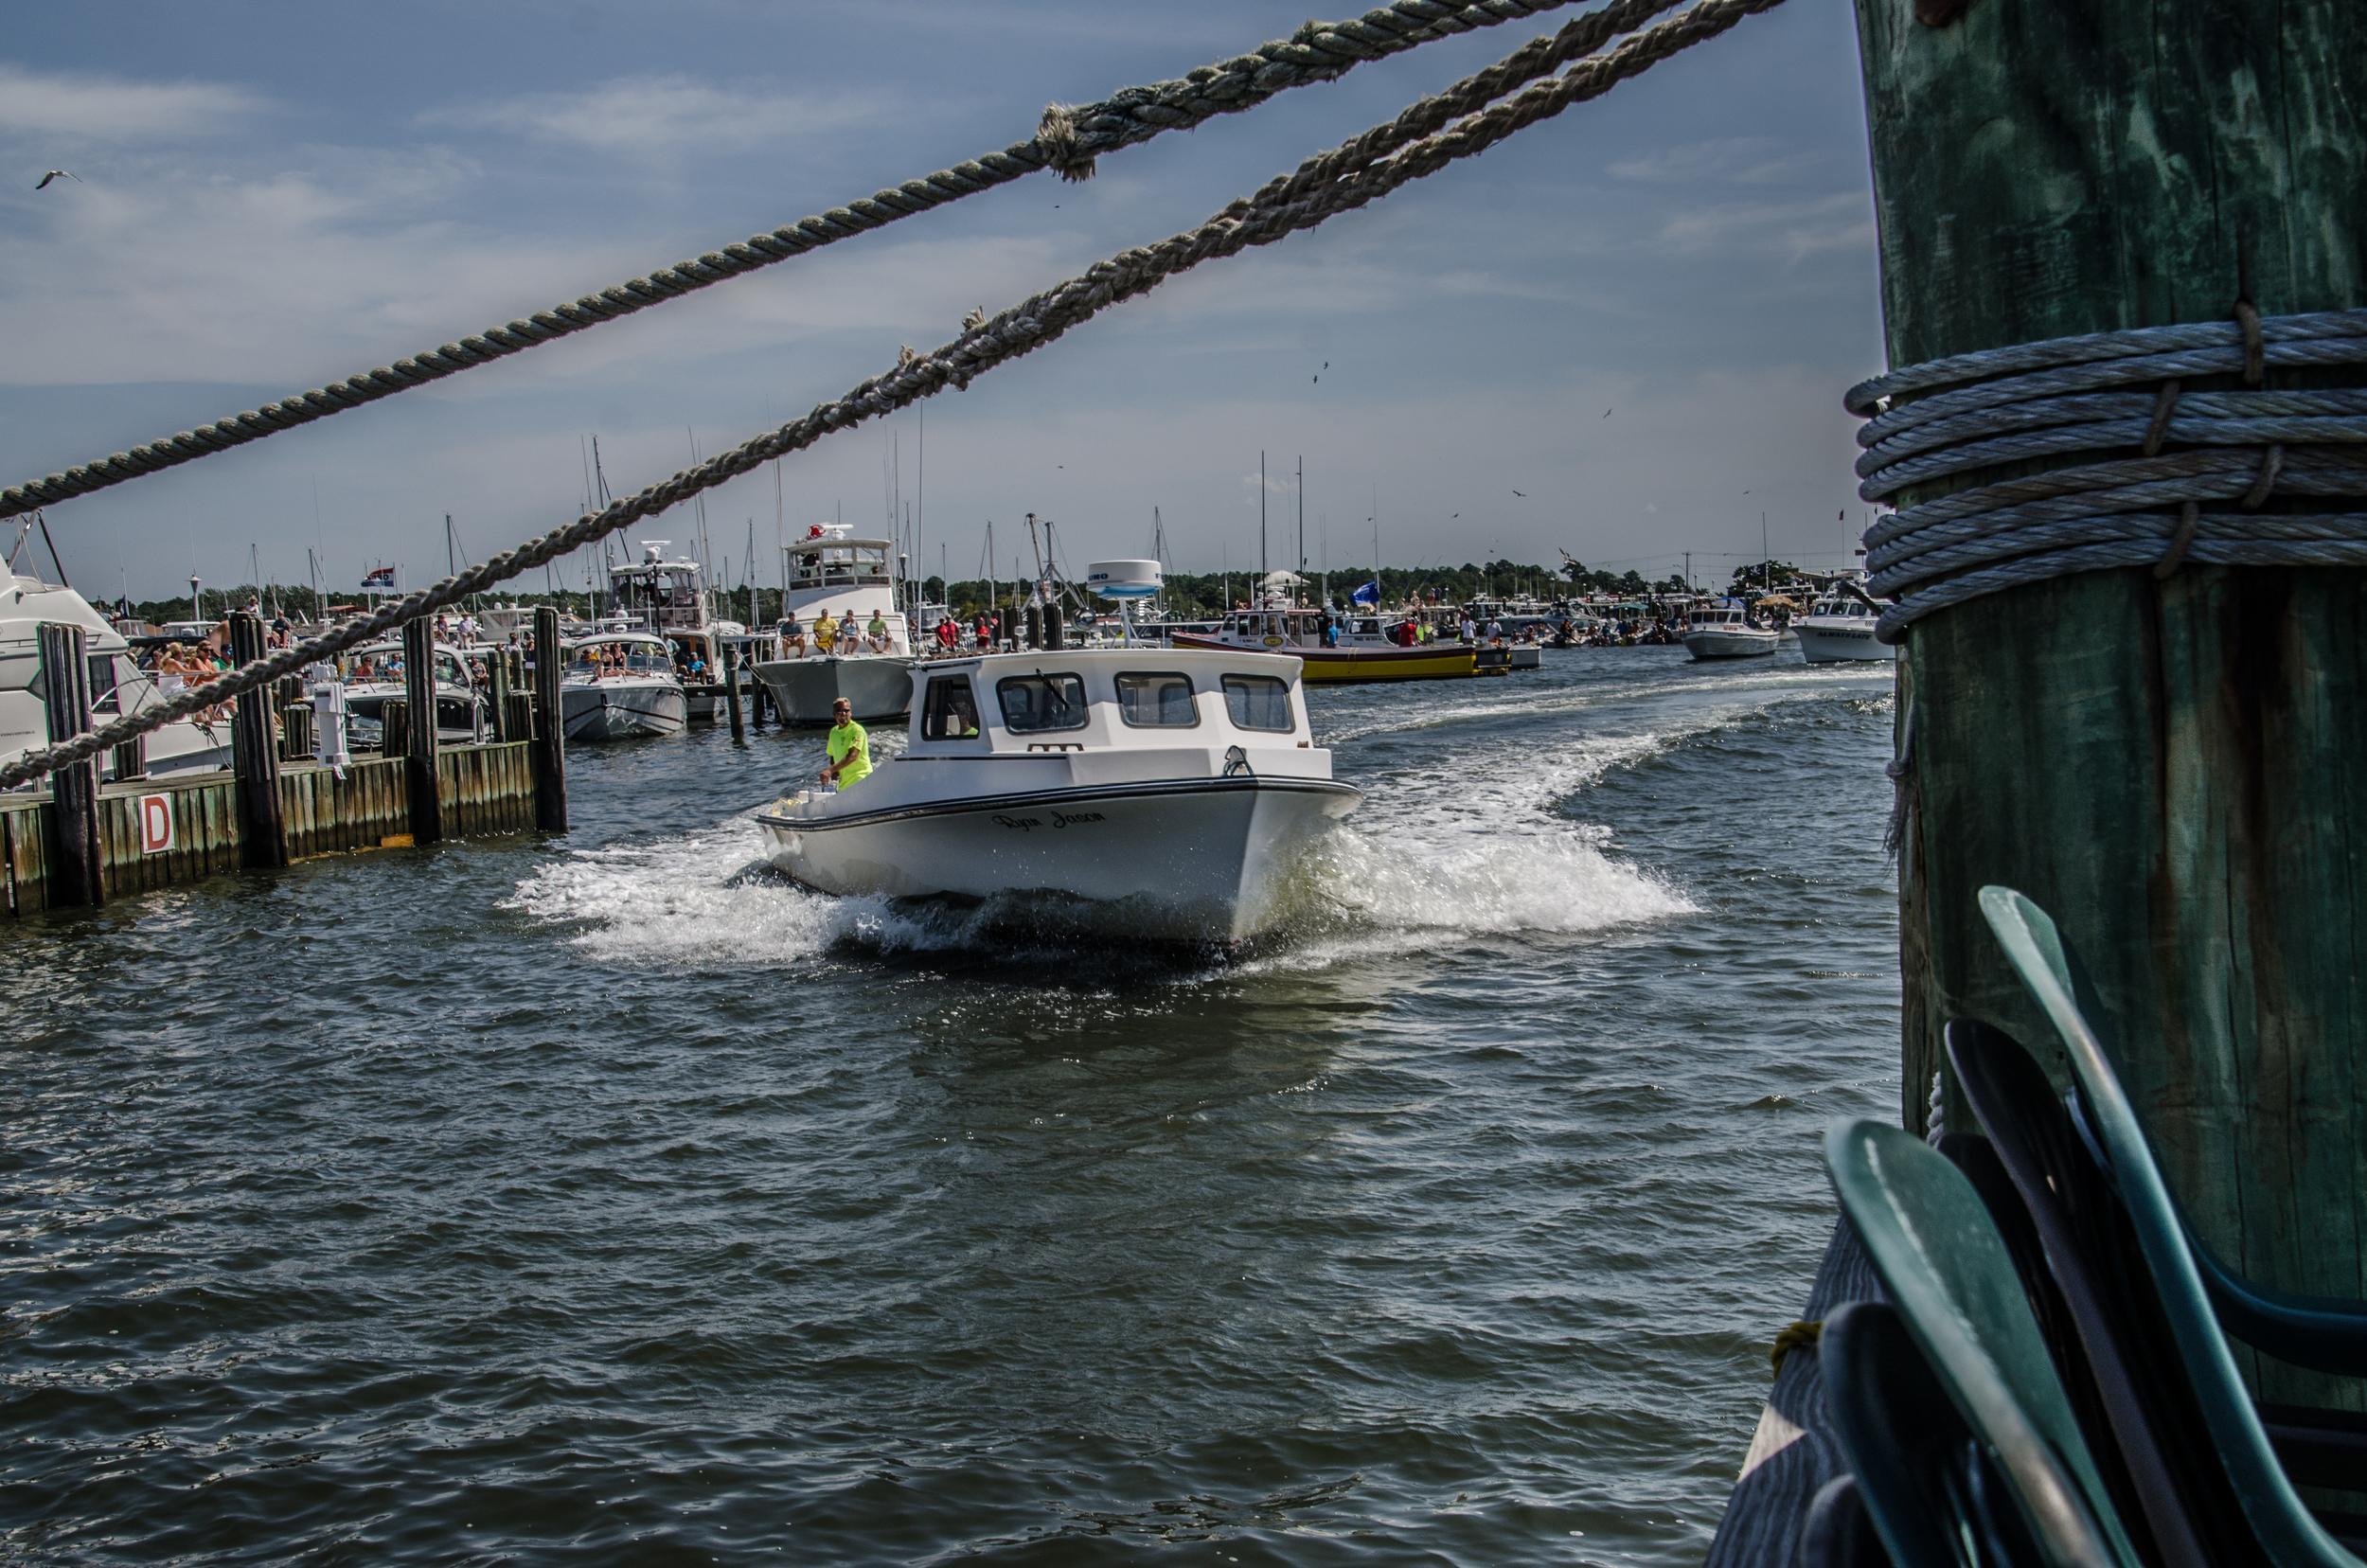 crisfielddock-0155.jpg